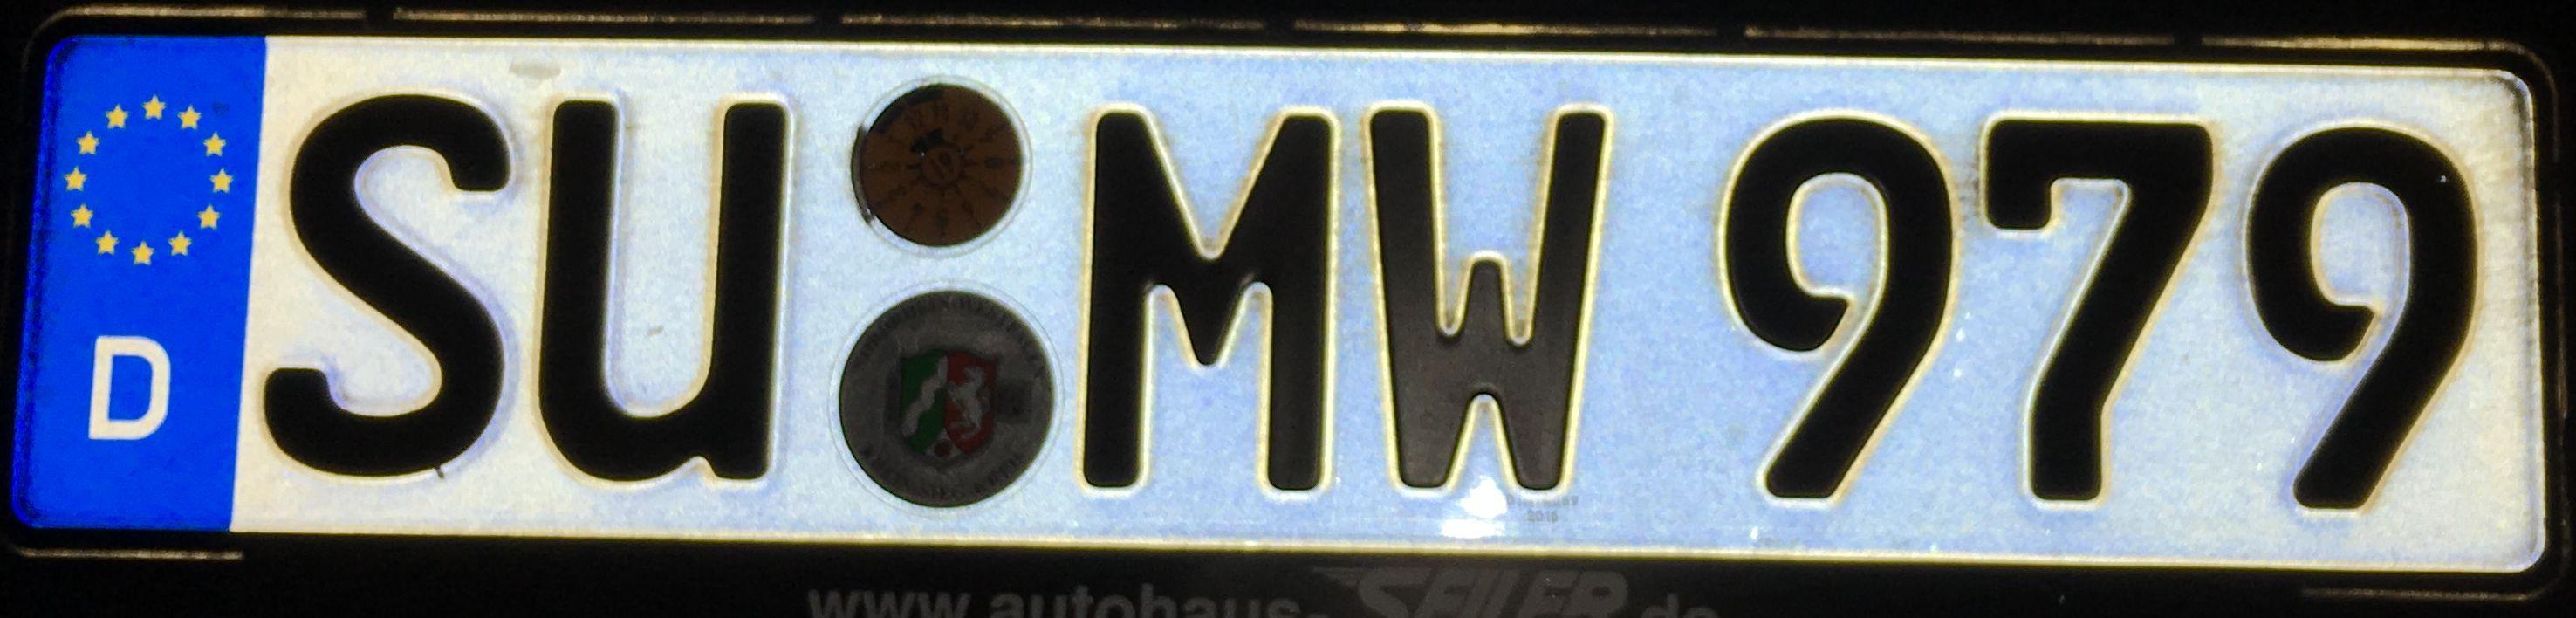 Registrační značka Německo - SU - Siegburg, foto:www.podalnici.cz